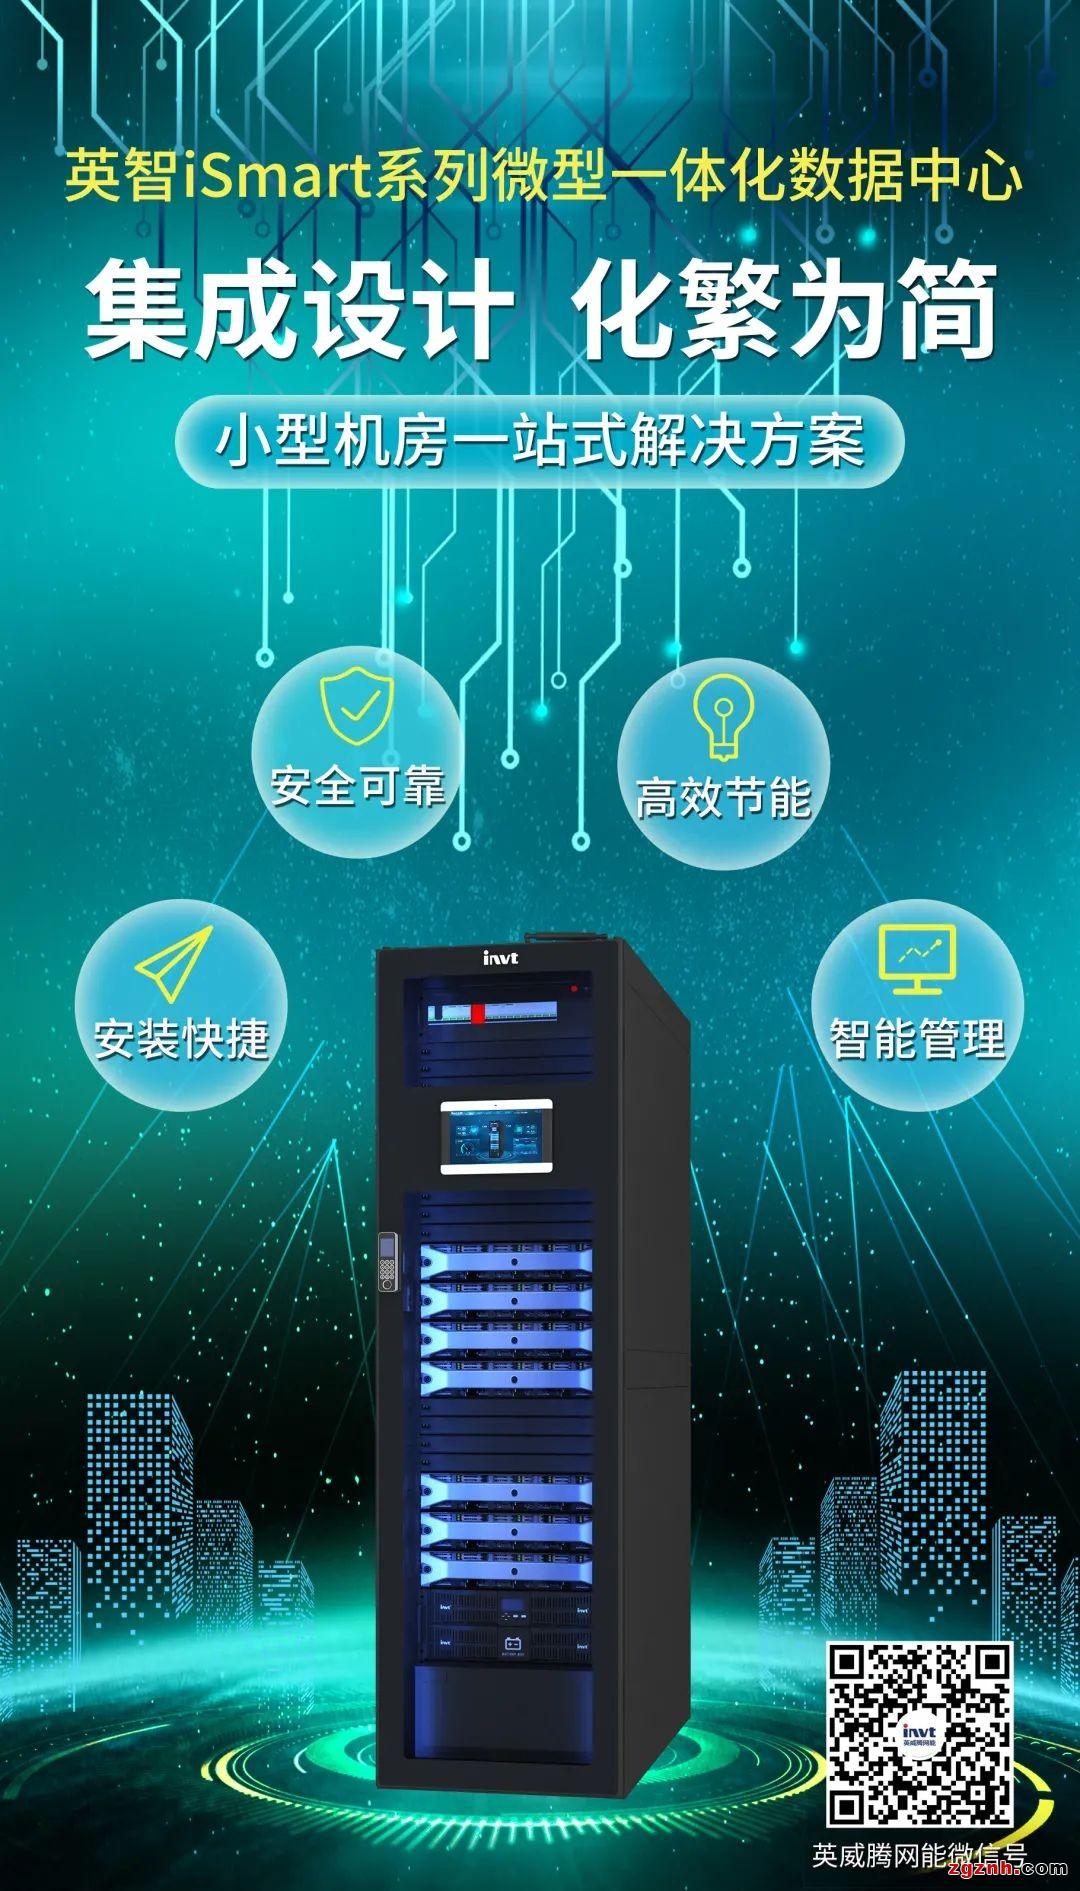 英威腾英智 iSmart 系列微型一体化数据中心新品,实现化繁为简无限可能